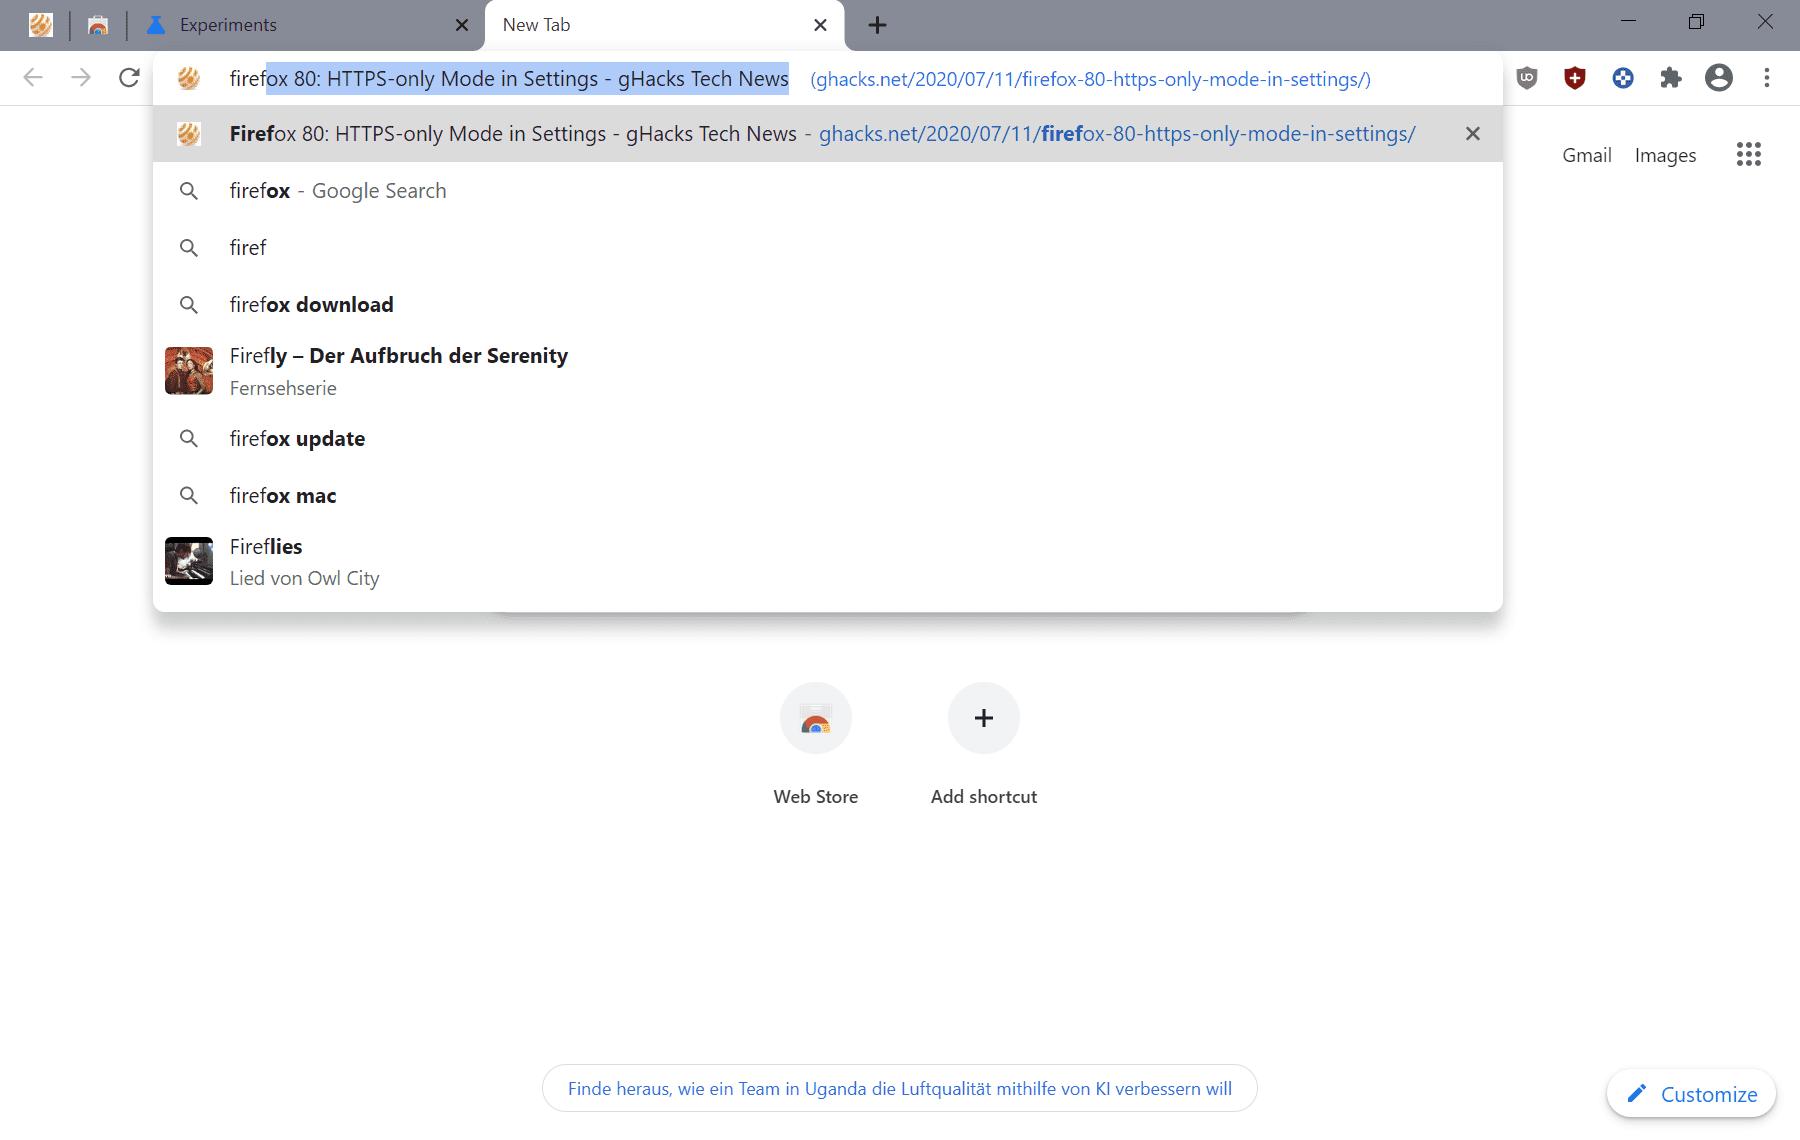 sugerencias de títulos de cromo